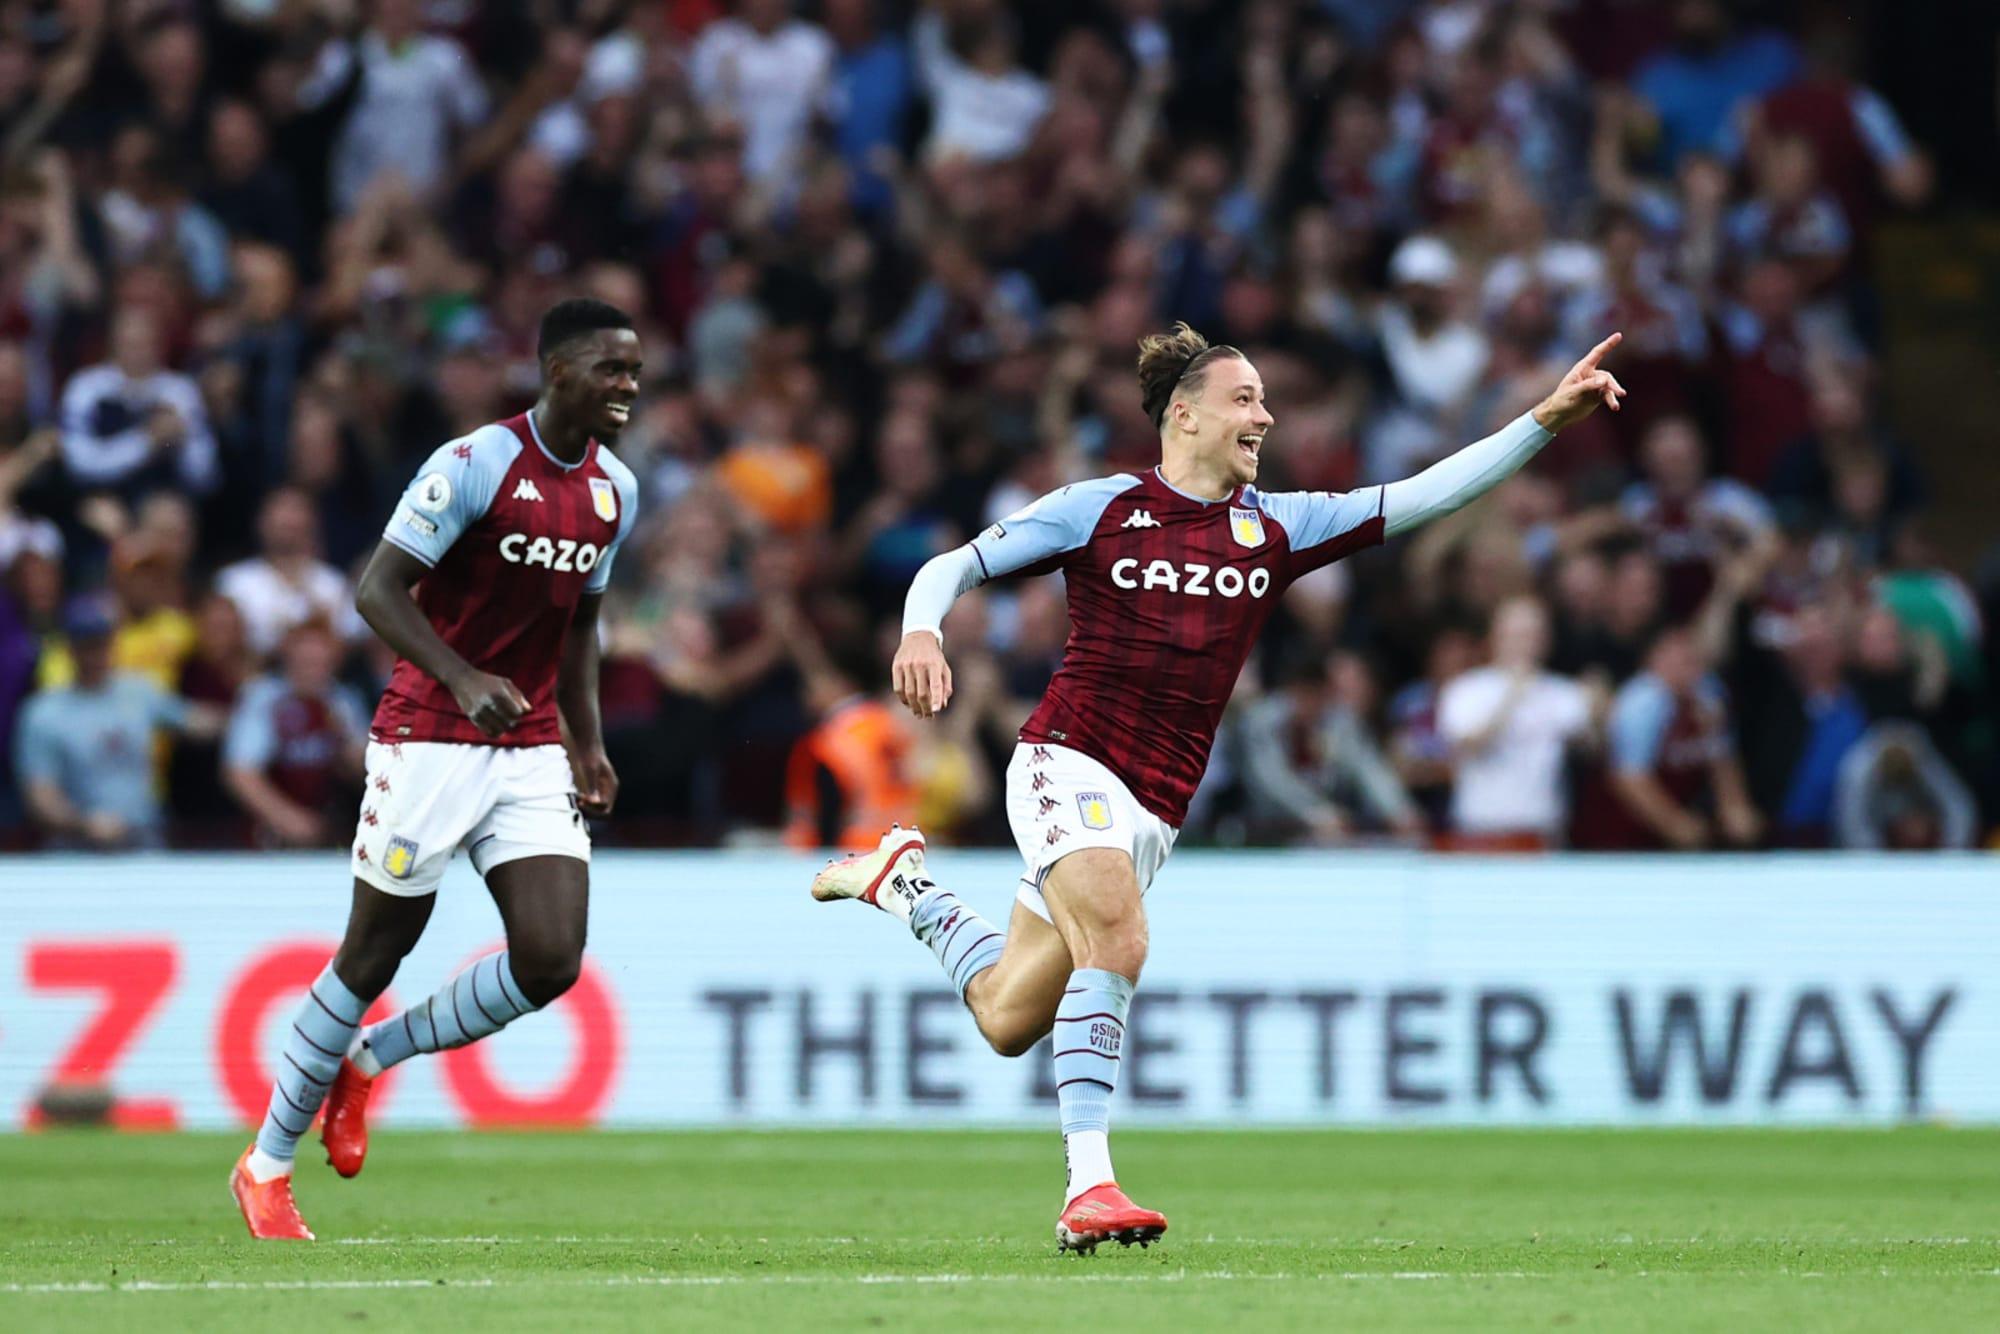 3 takeaways from Aston Villa's 3-0 win over Everton